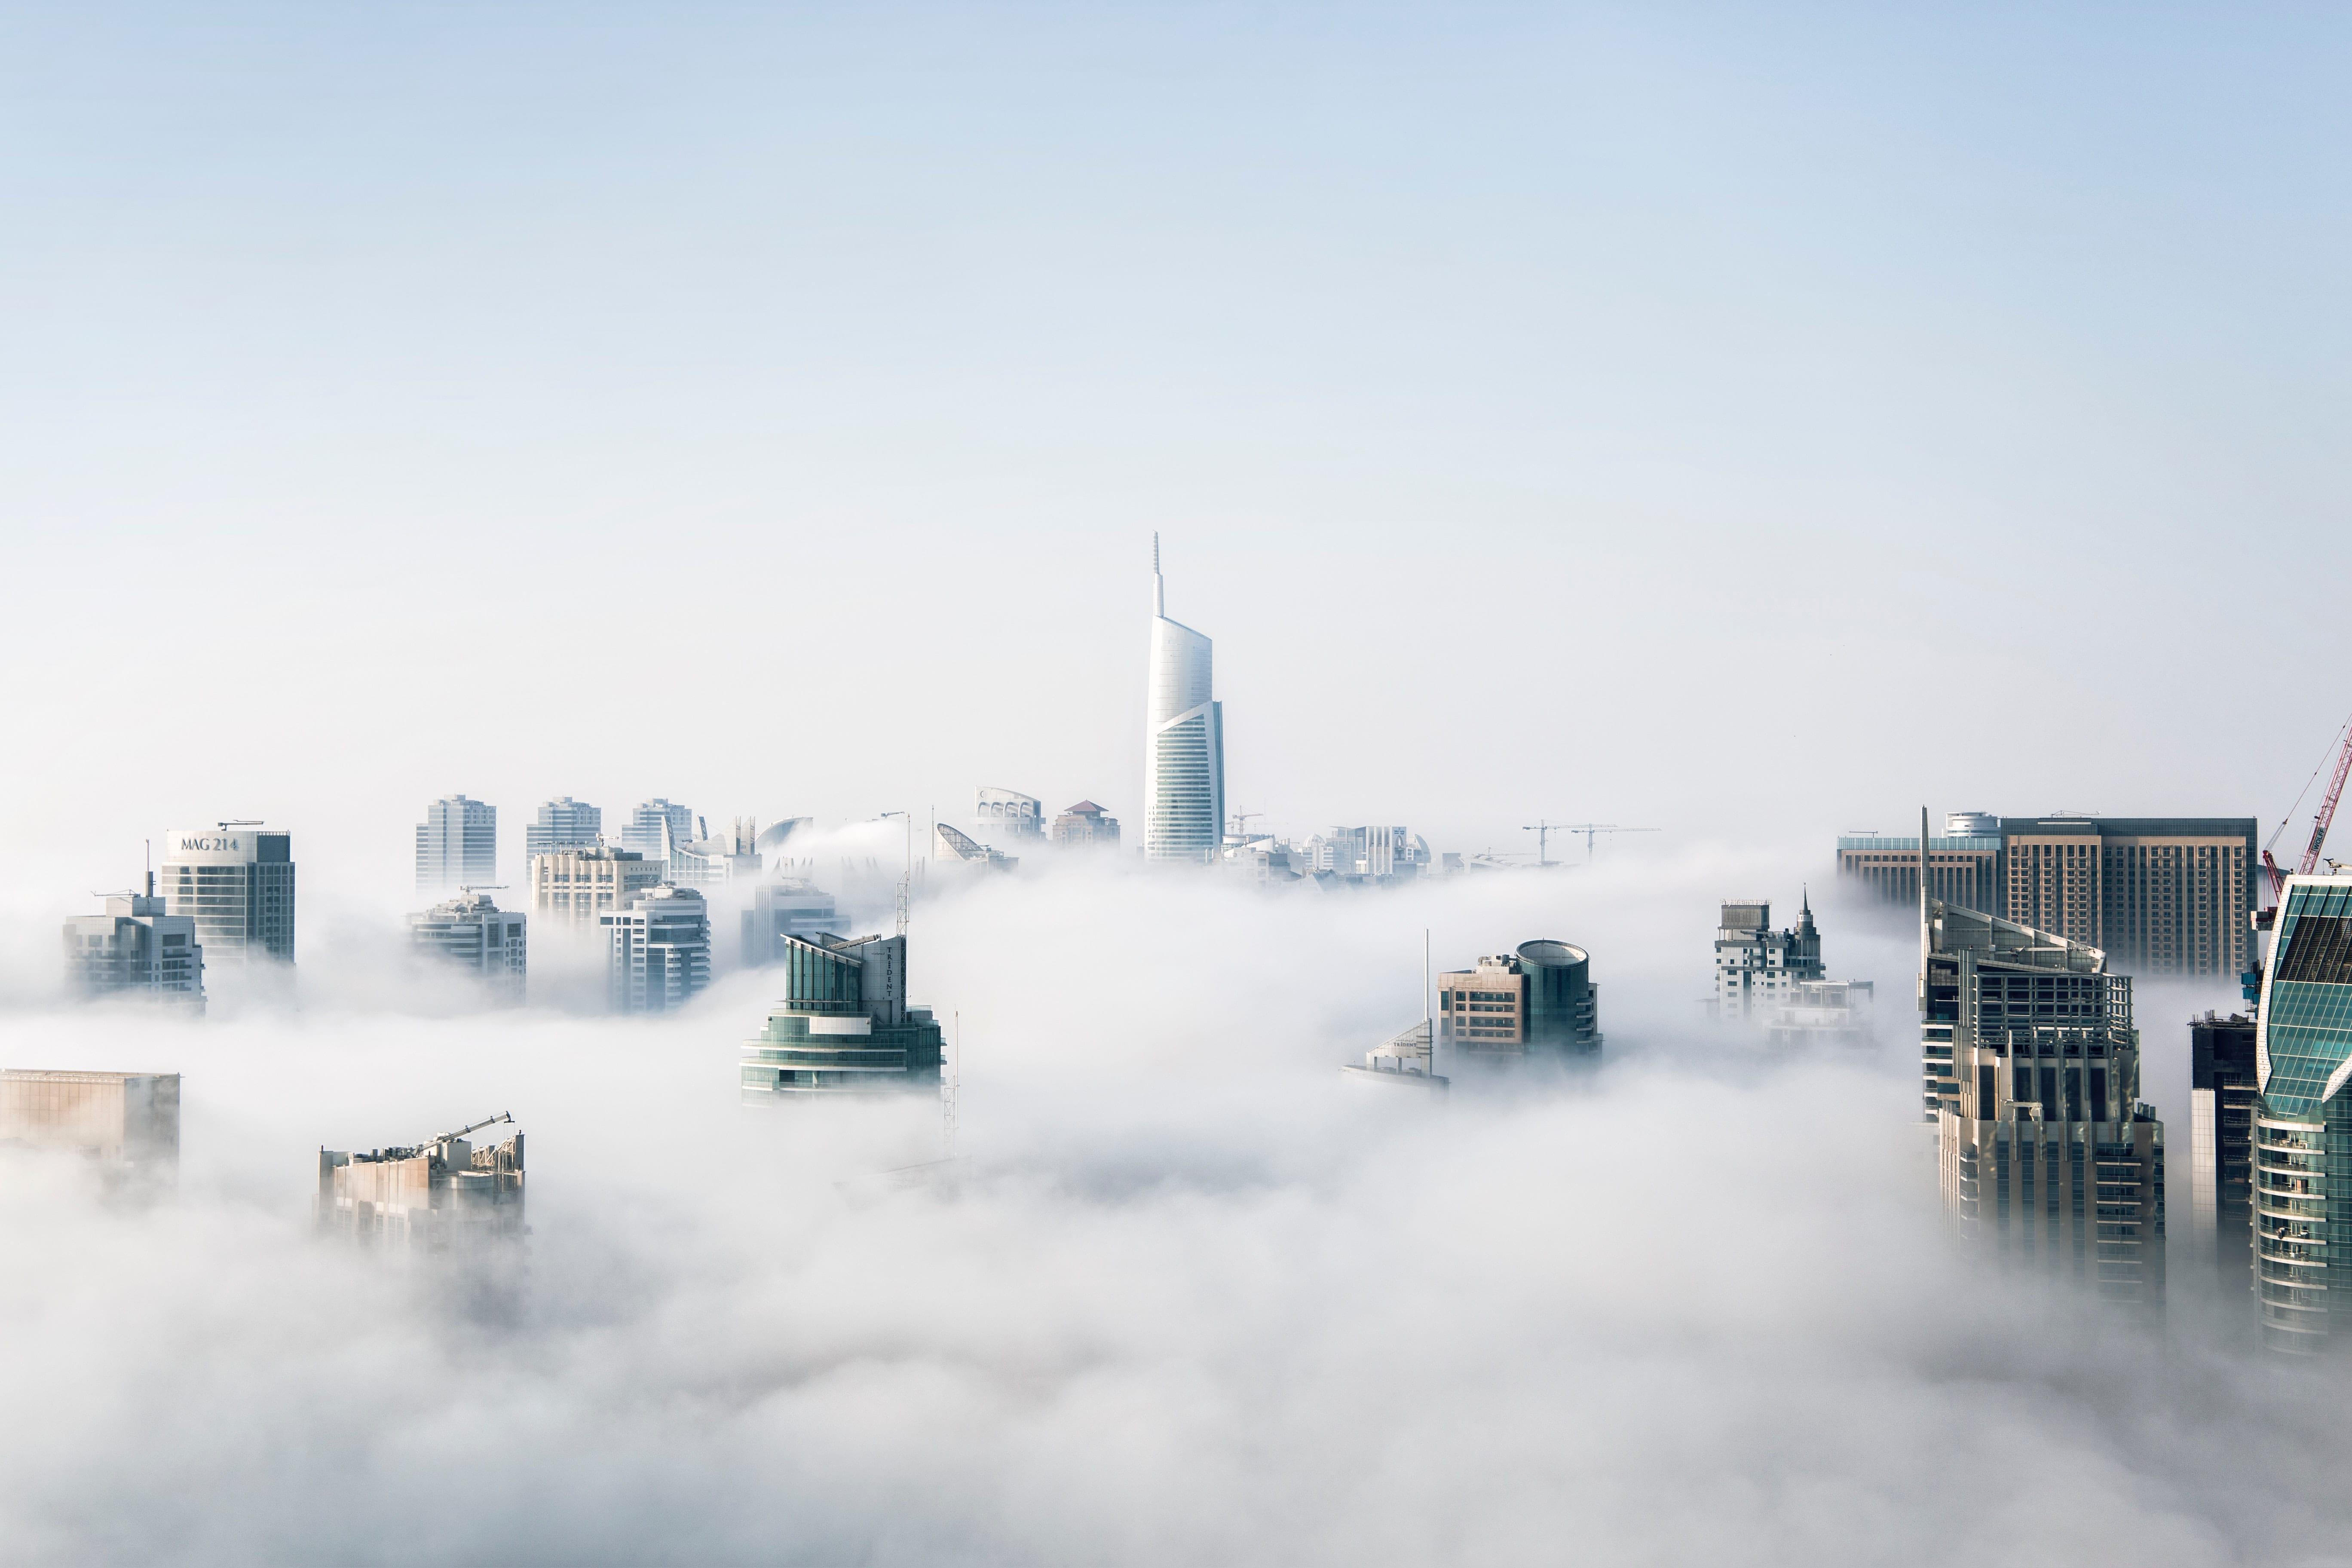 Cloudflare 1.1.1.1, il DNS che rende la navigazione web più veloce e sicura.